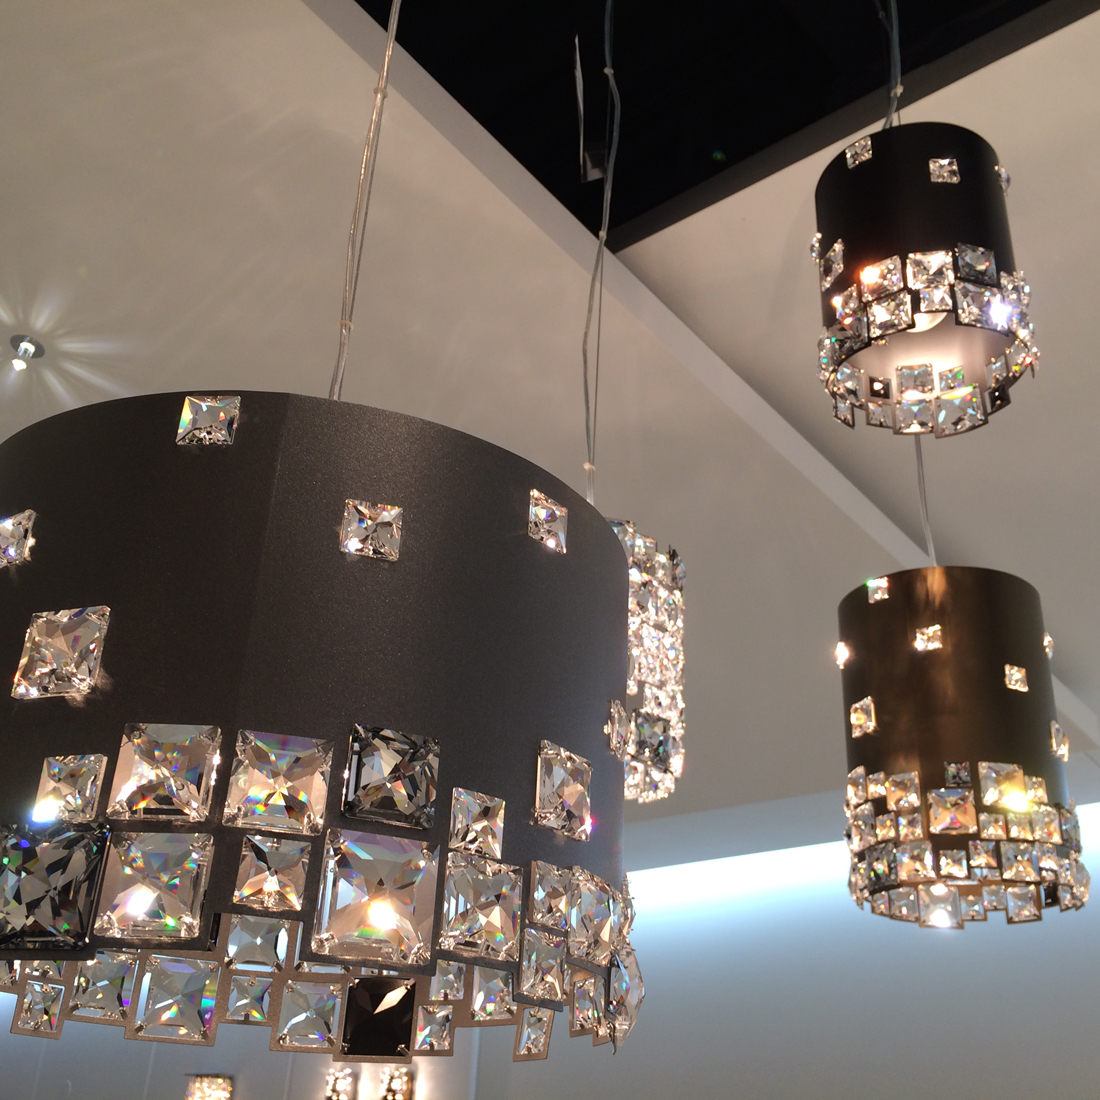 Schonbek Lighting Showroom in Dallas